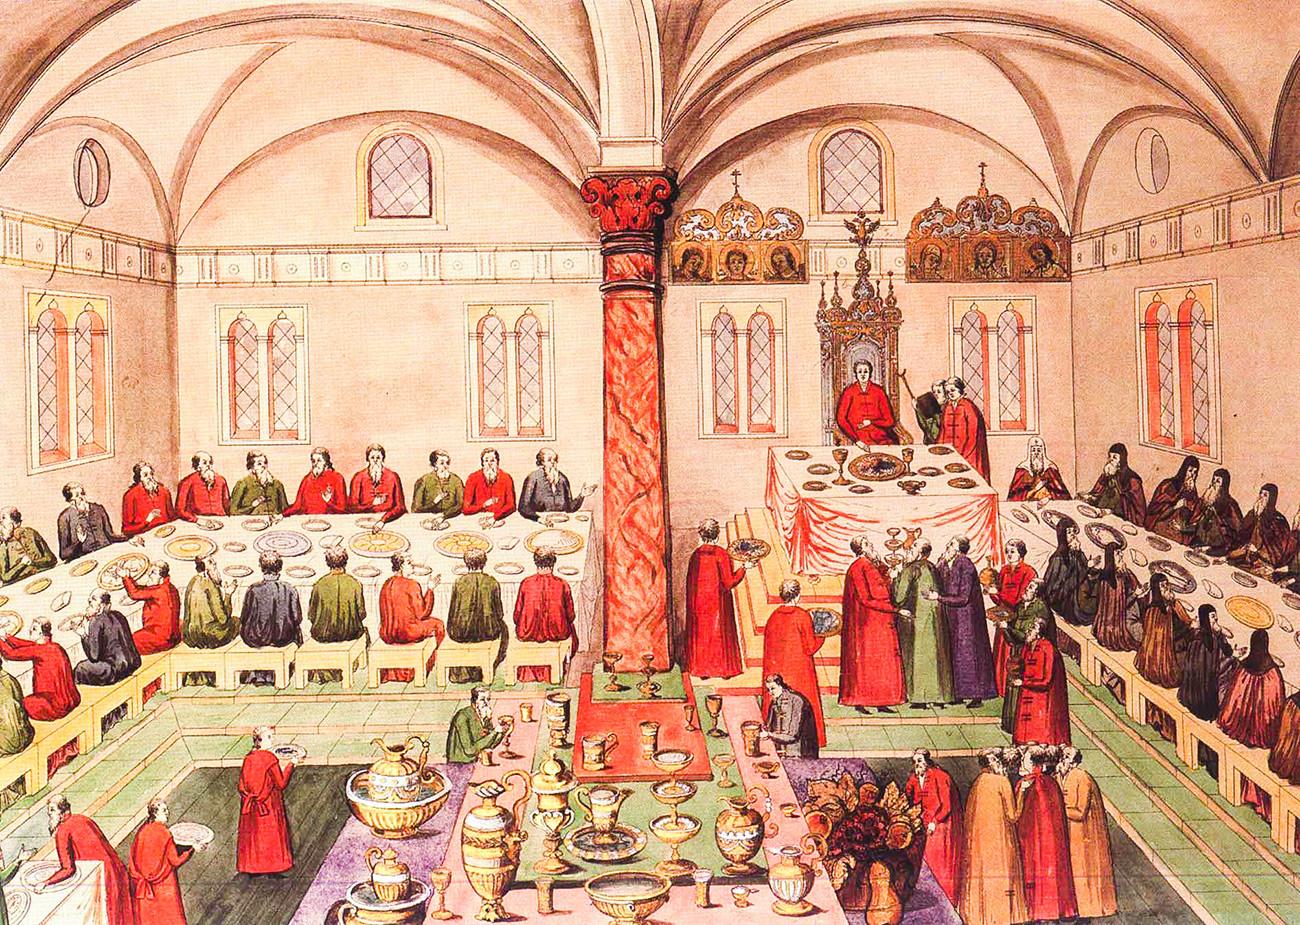 Une fête au Palais à Facettes du Kremlin de Moscou, XVIIe siècle. L'ordre de s'asseoir à de telles fêtes a été soigneusement élaboré afin de n'offenser personne.